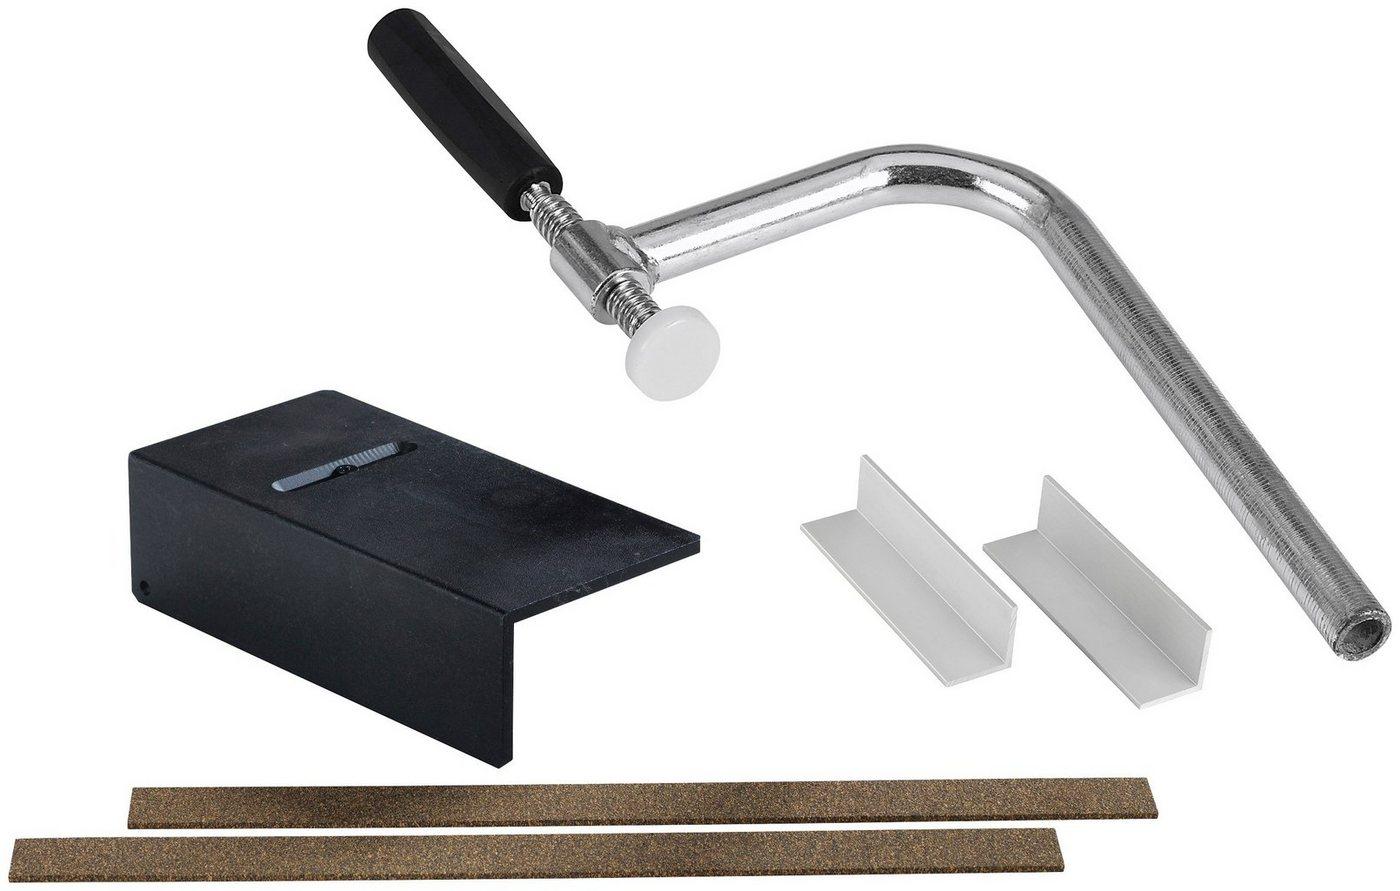 SJÖBERGS Werkzeug-Zubehör-Set »Nordic, Hobby, Junior/Sen Hobelbank«, Alu/Stahl | Baumarkt > Werkzeug > Werkzeug-Sets | Sjöberg